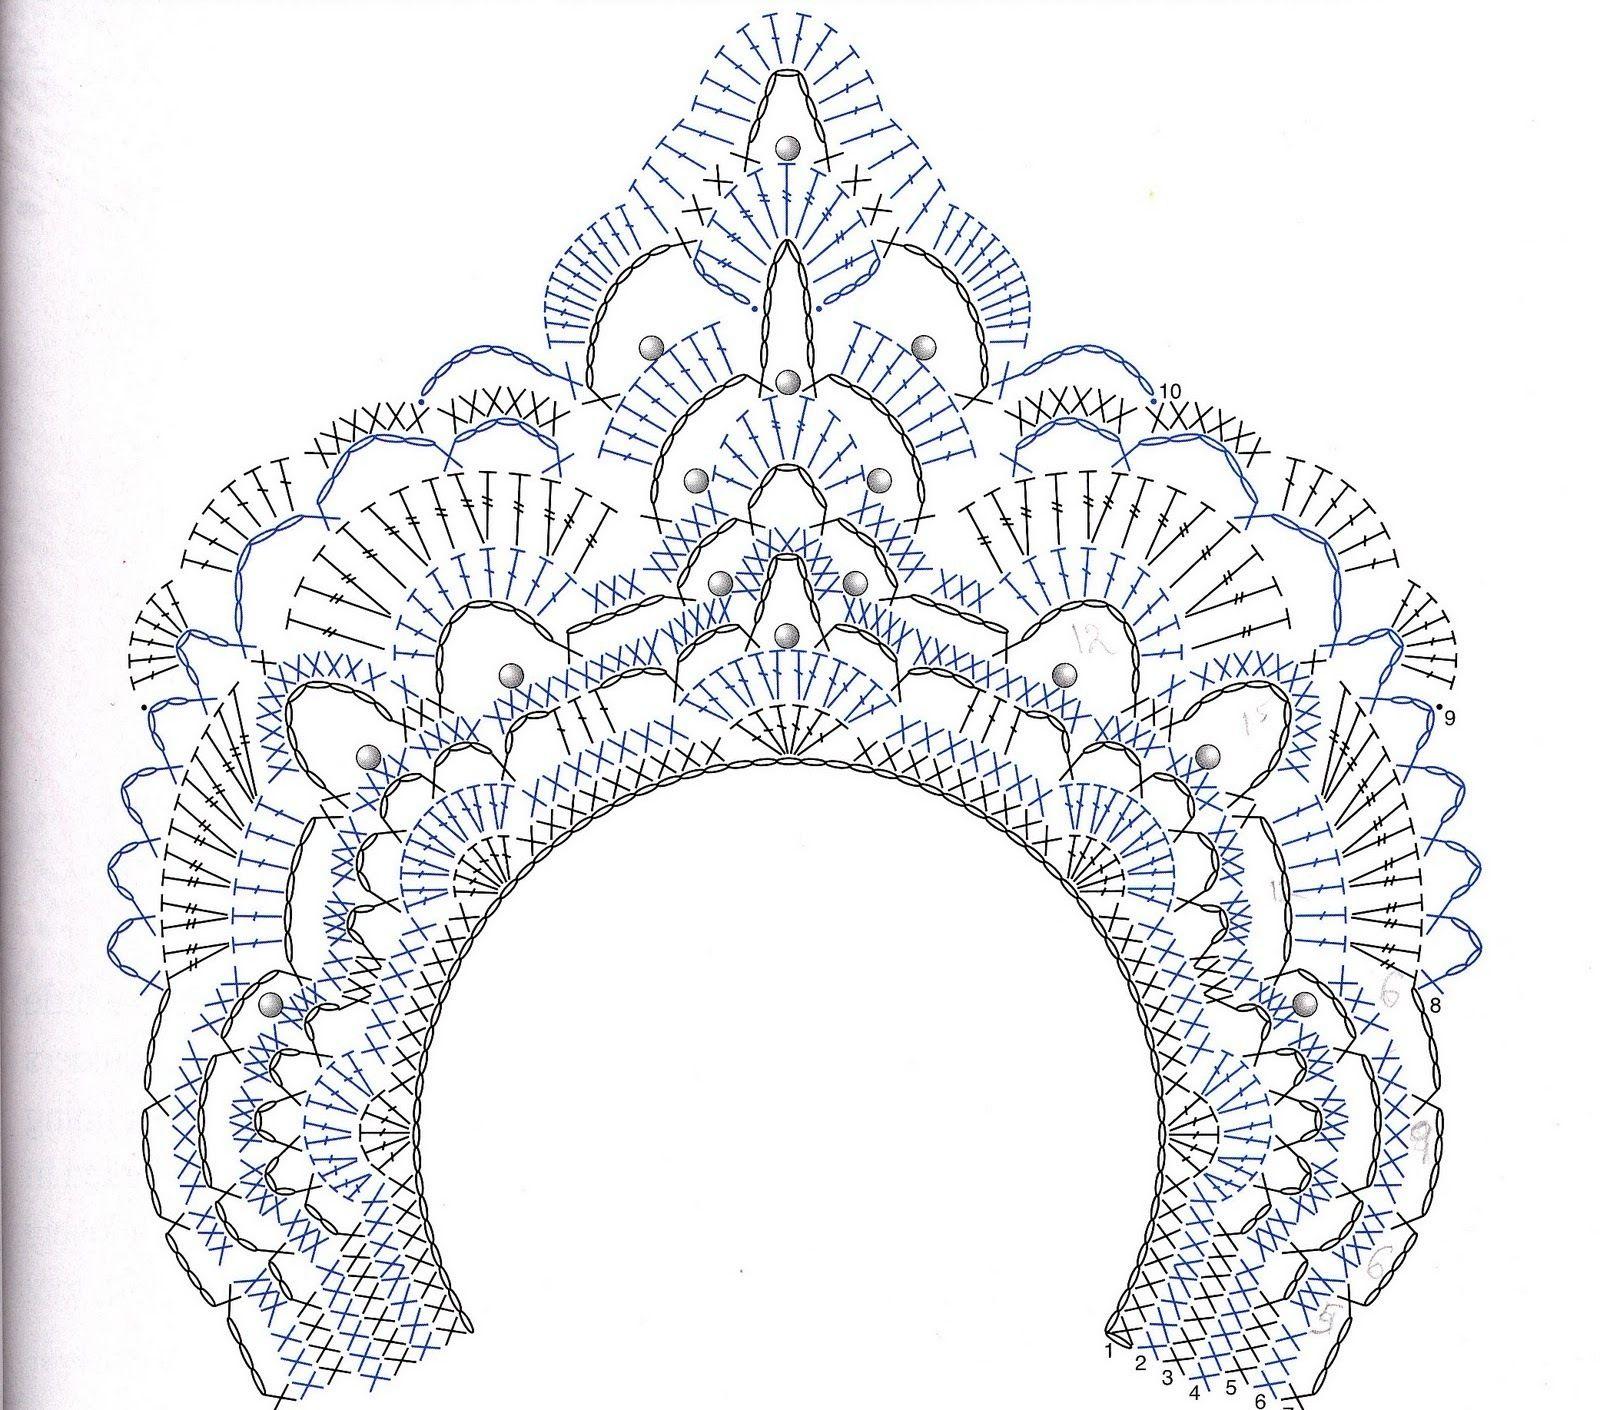 хитрый украшений: ожерелье крючком нагрудник   сделать ручной работы, вязание крючком, ремесла